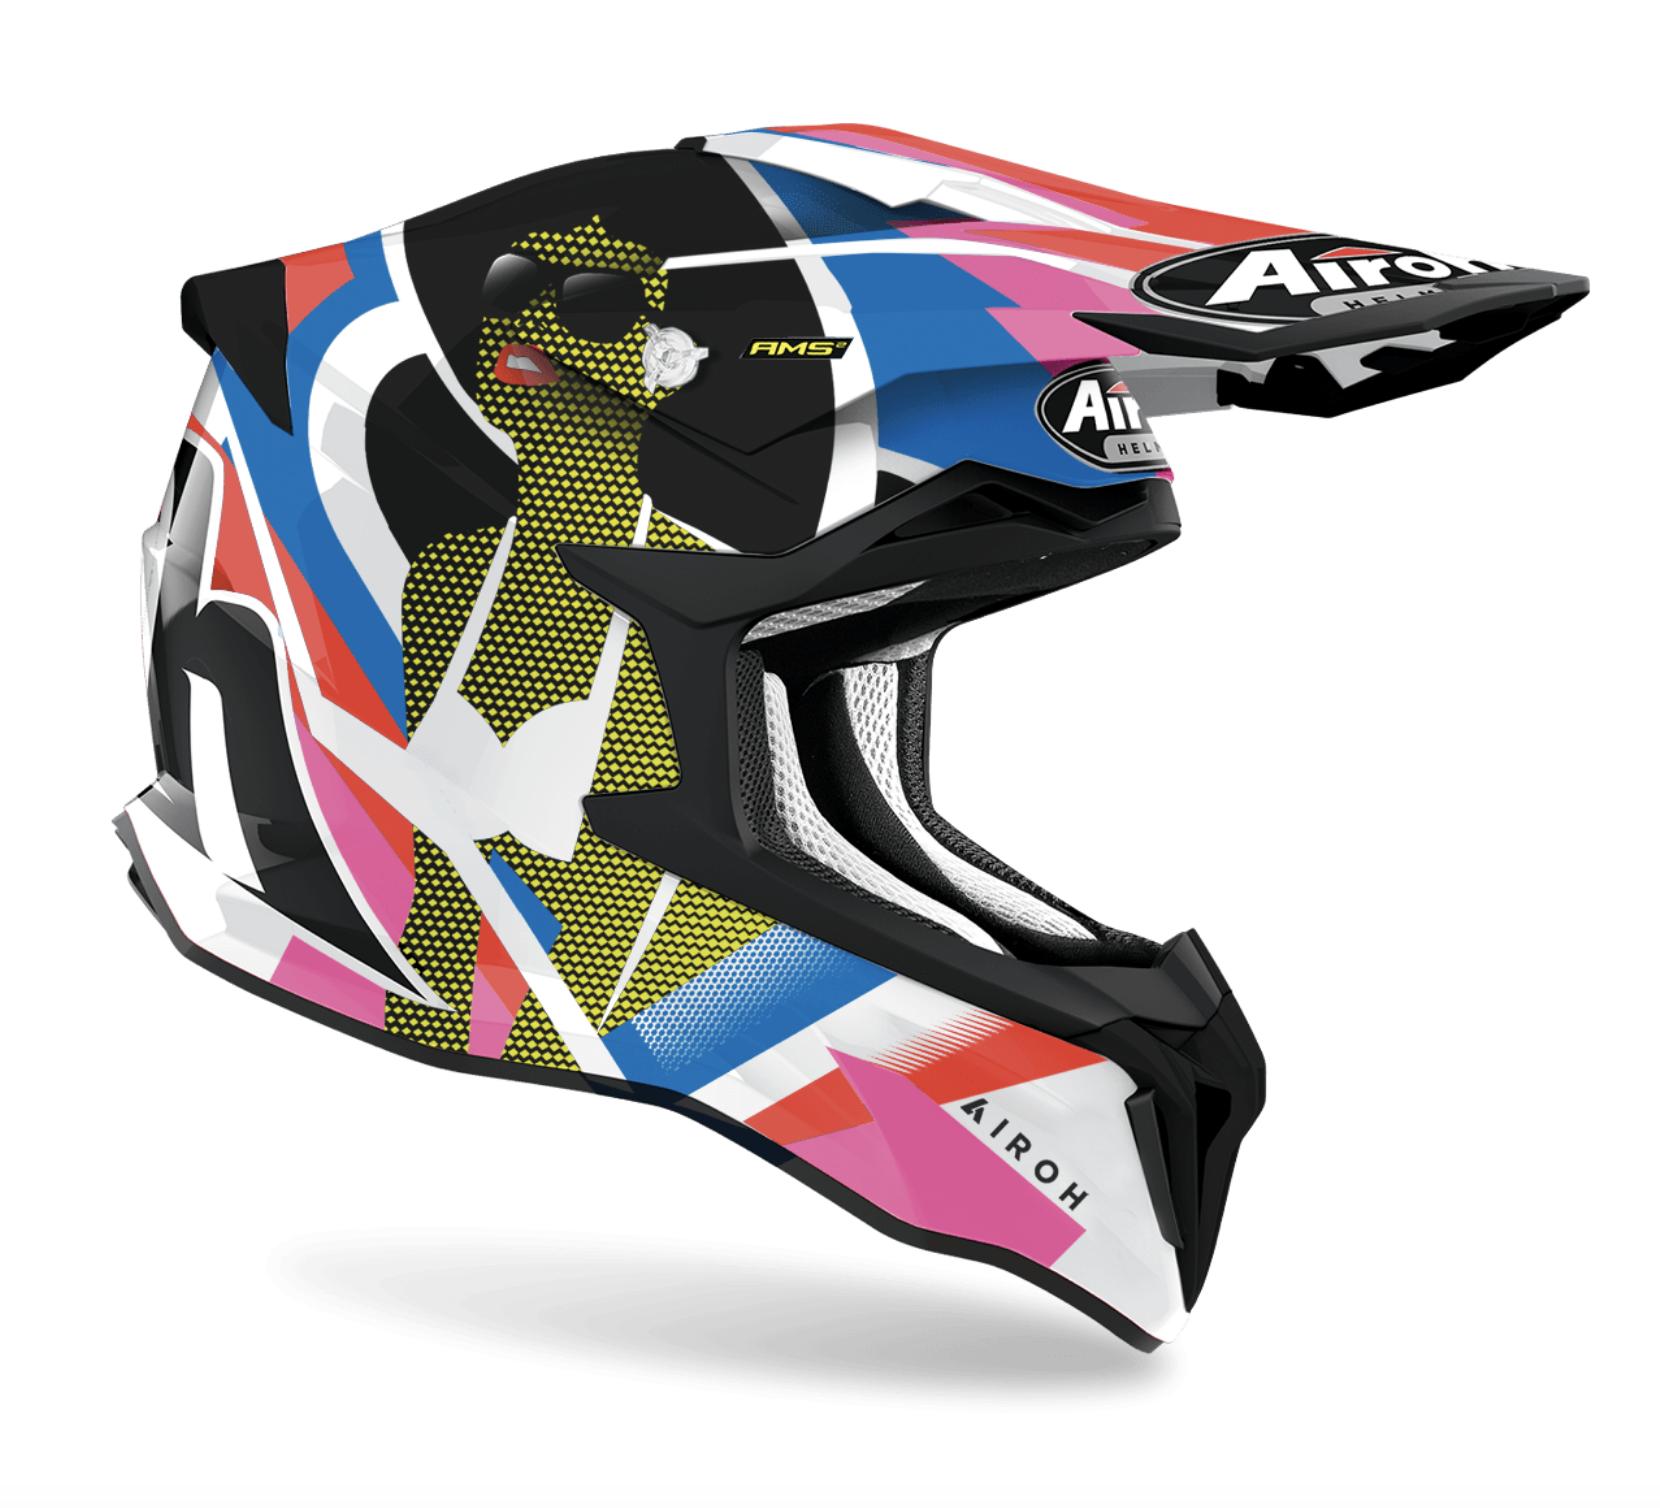 Casco Airoh cross enduro STRYCKER VIEW Gloss 1